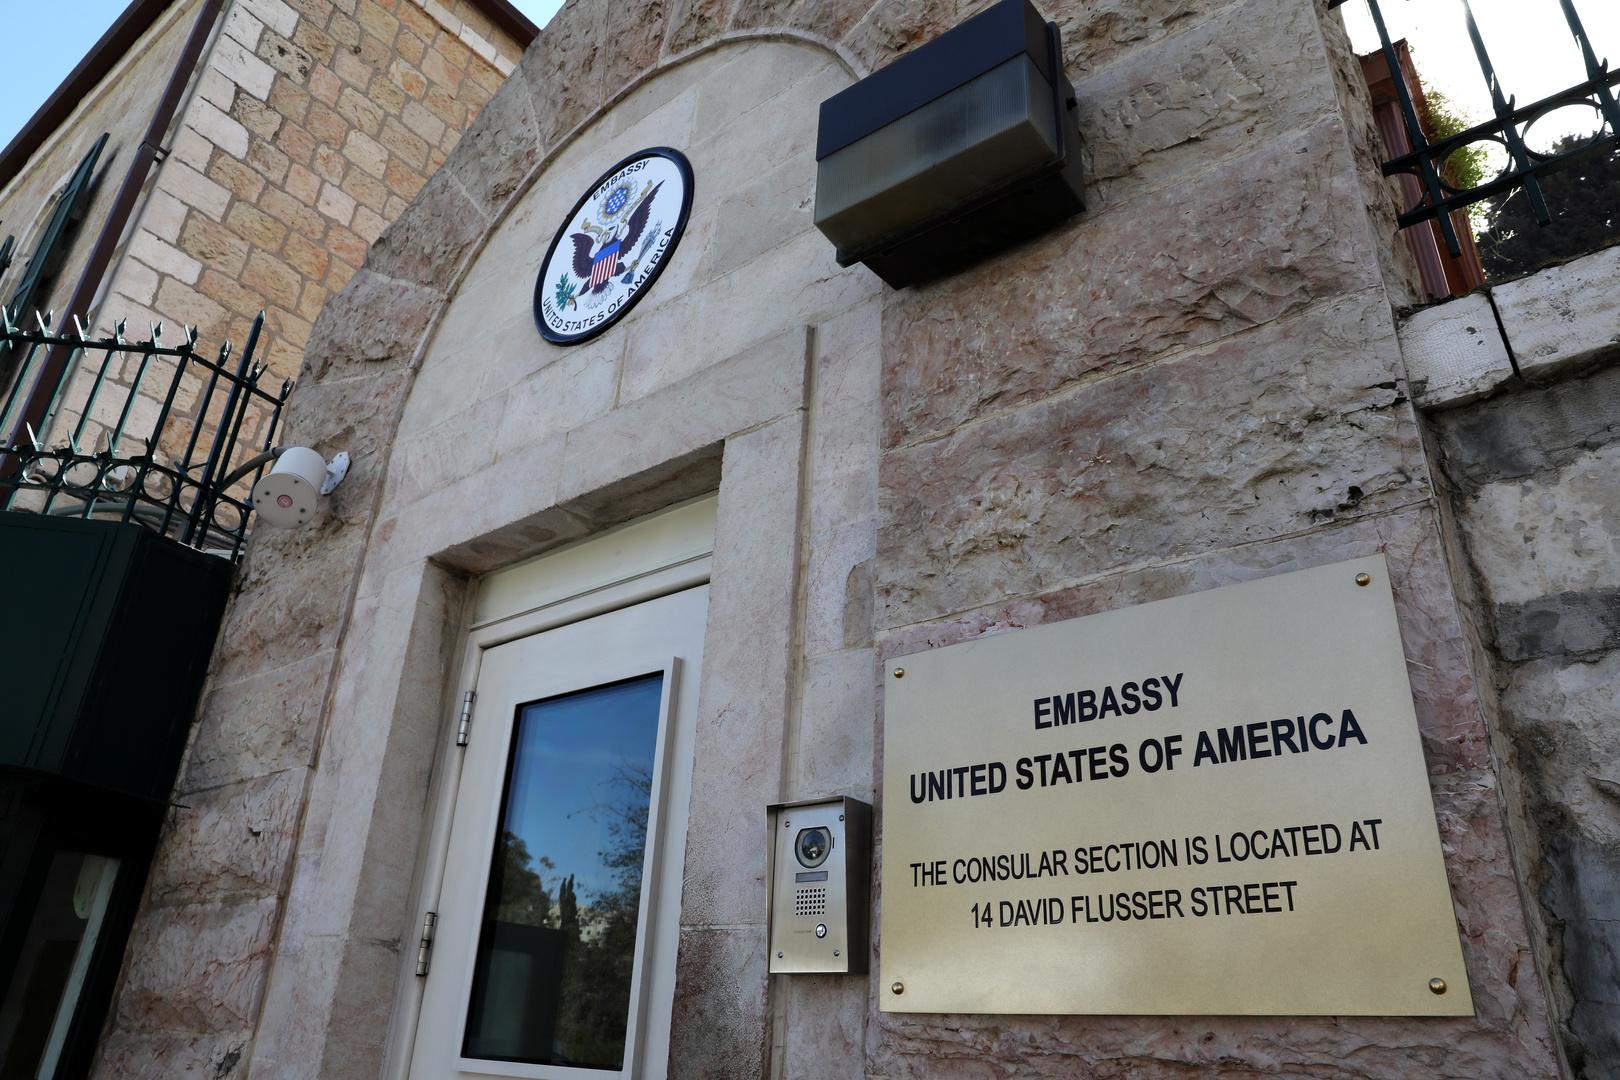 السفارة الأمريكية لدر إسرائيل